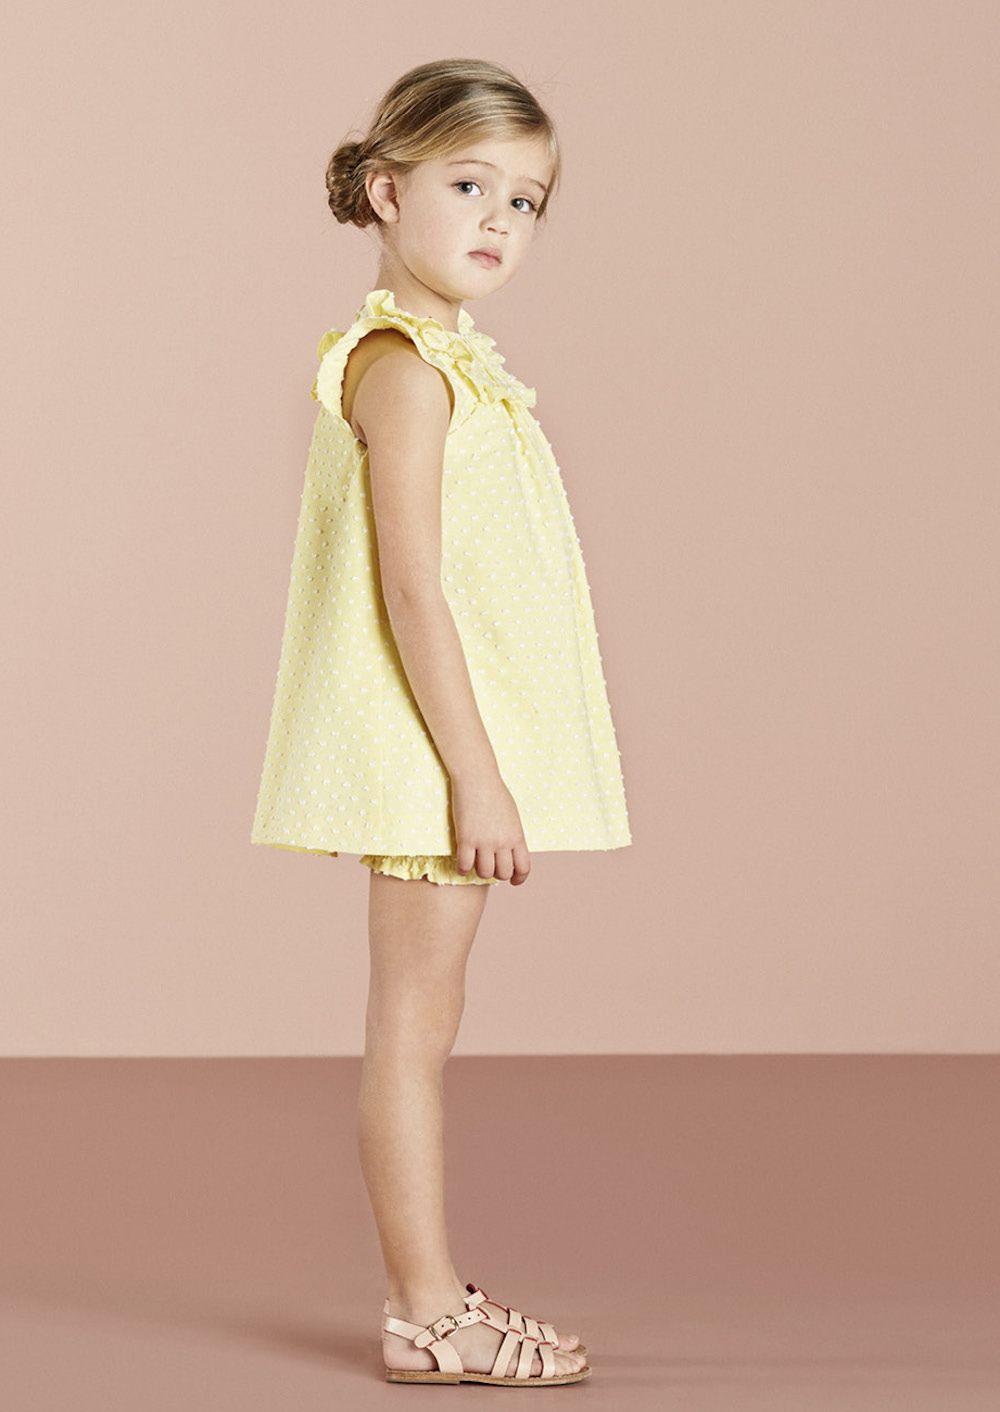 e35066a83 Nanos Outlet, donde comprar ropa Nanos en rebajas | Fashion for kids ...